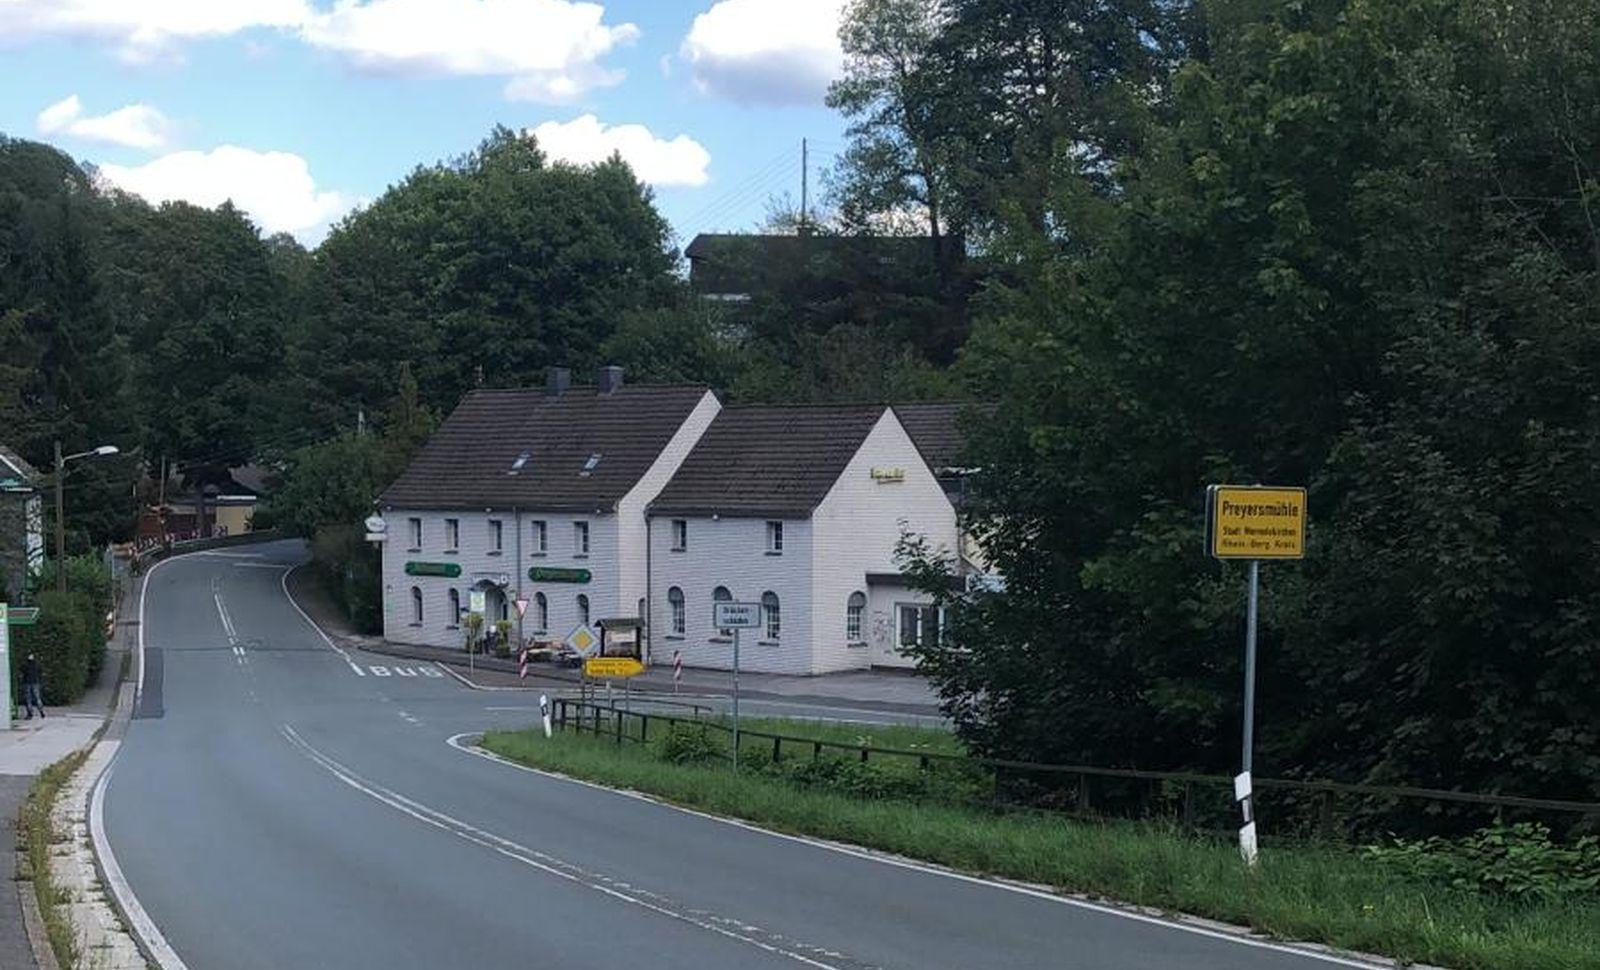 Sperrung der Wermelskirchener Straße für bestimmte Tonnagelast